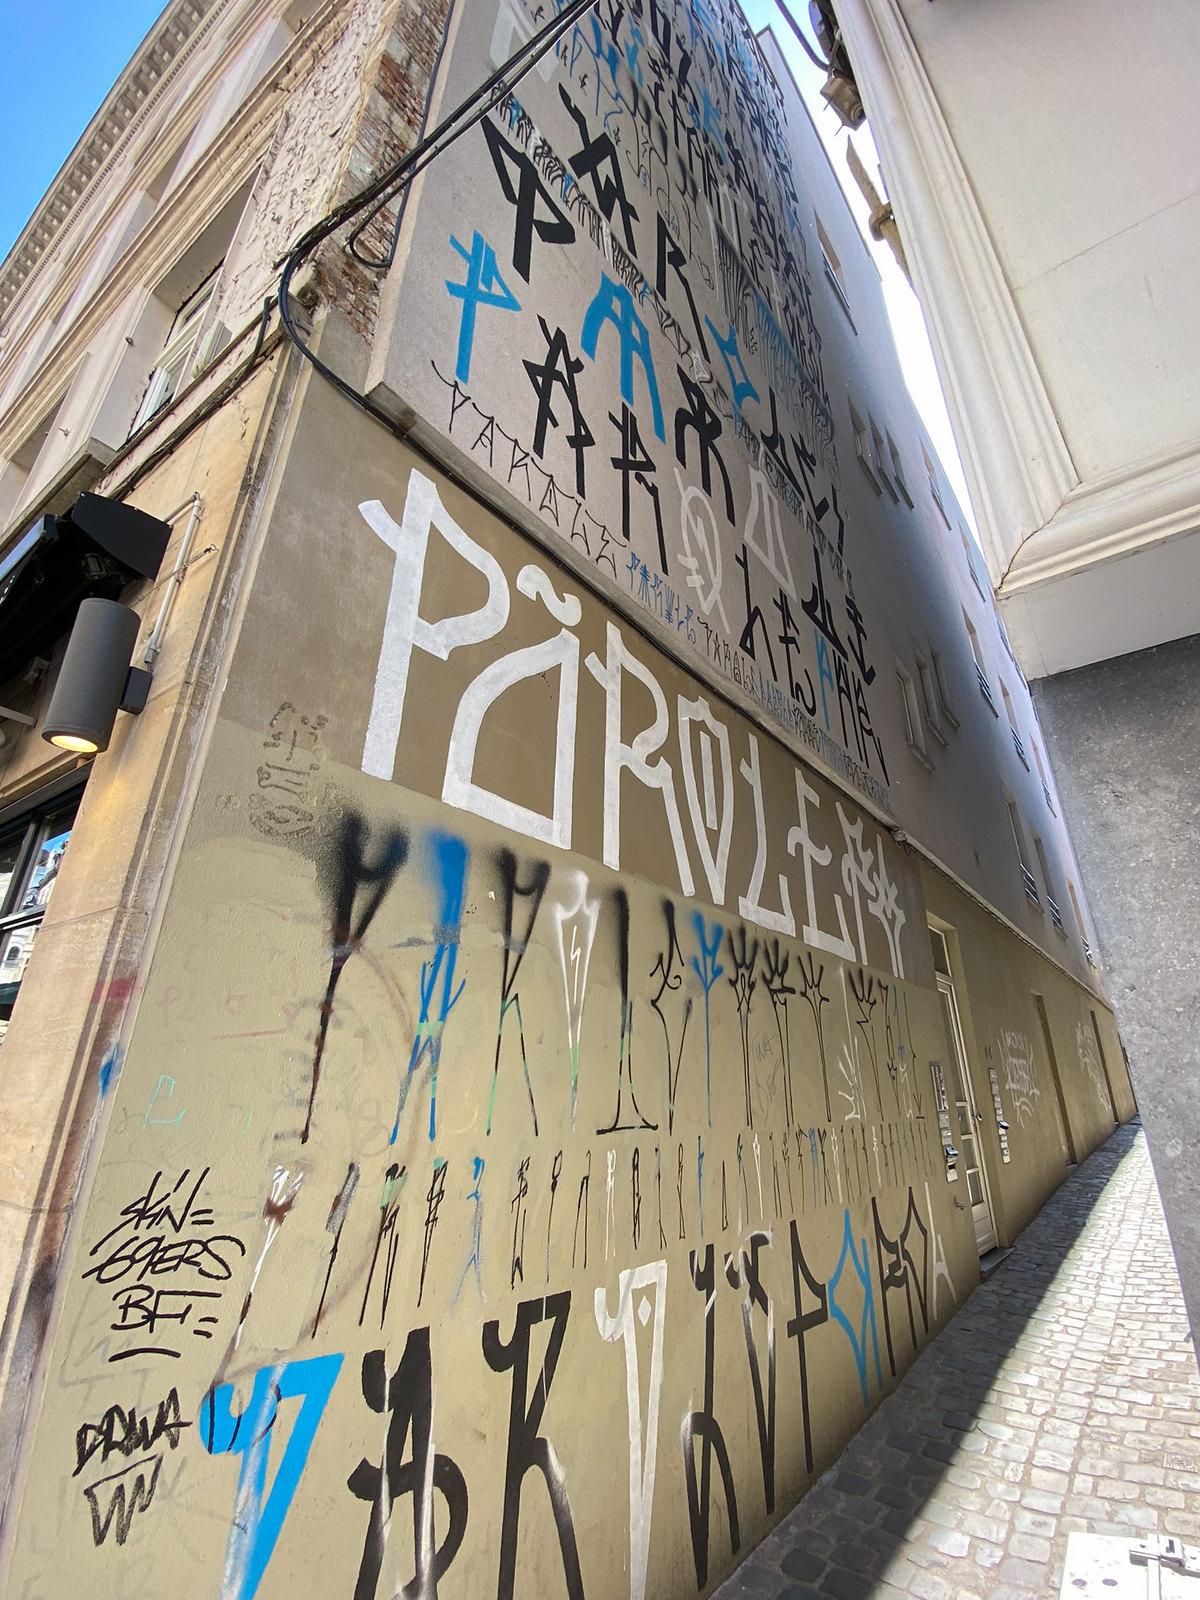 Mural Rue de Namur by artist Parole